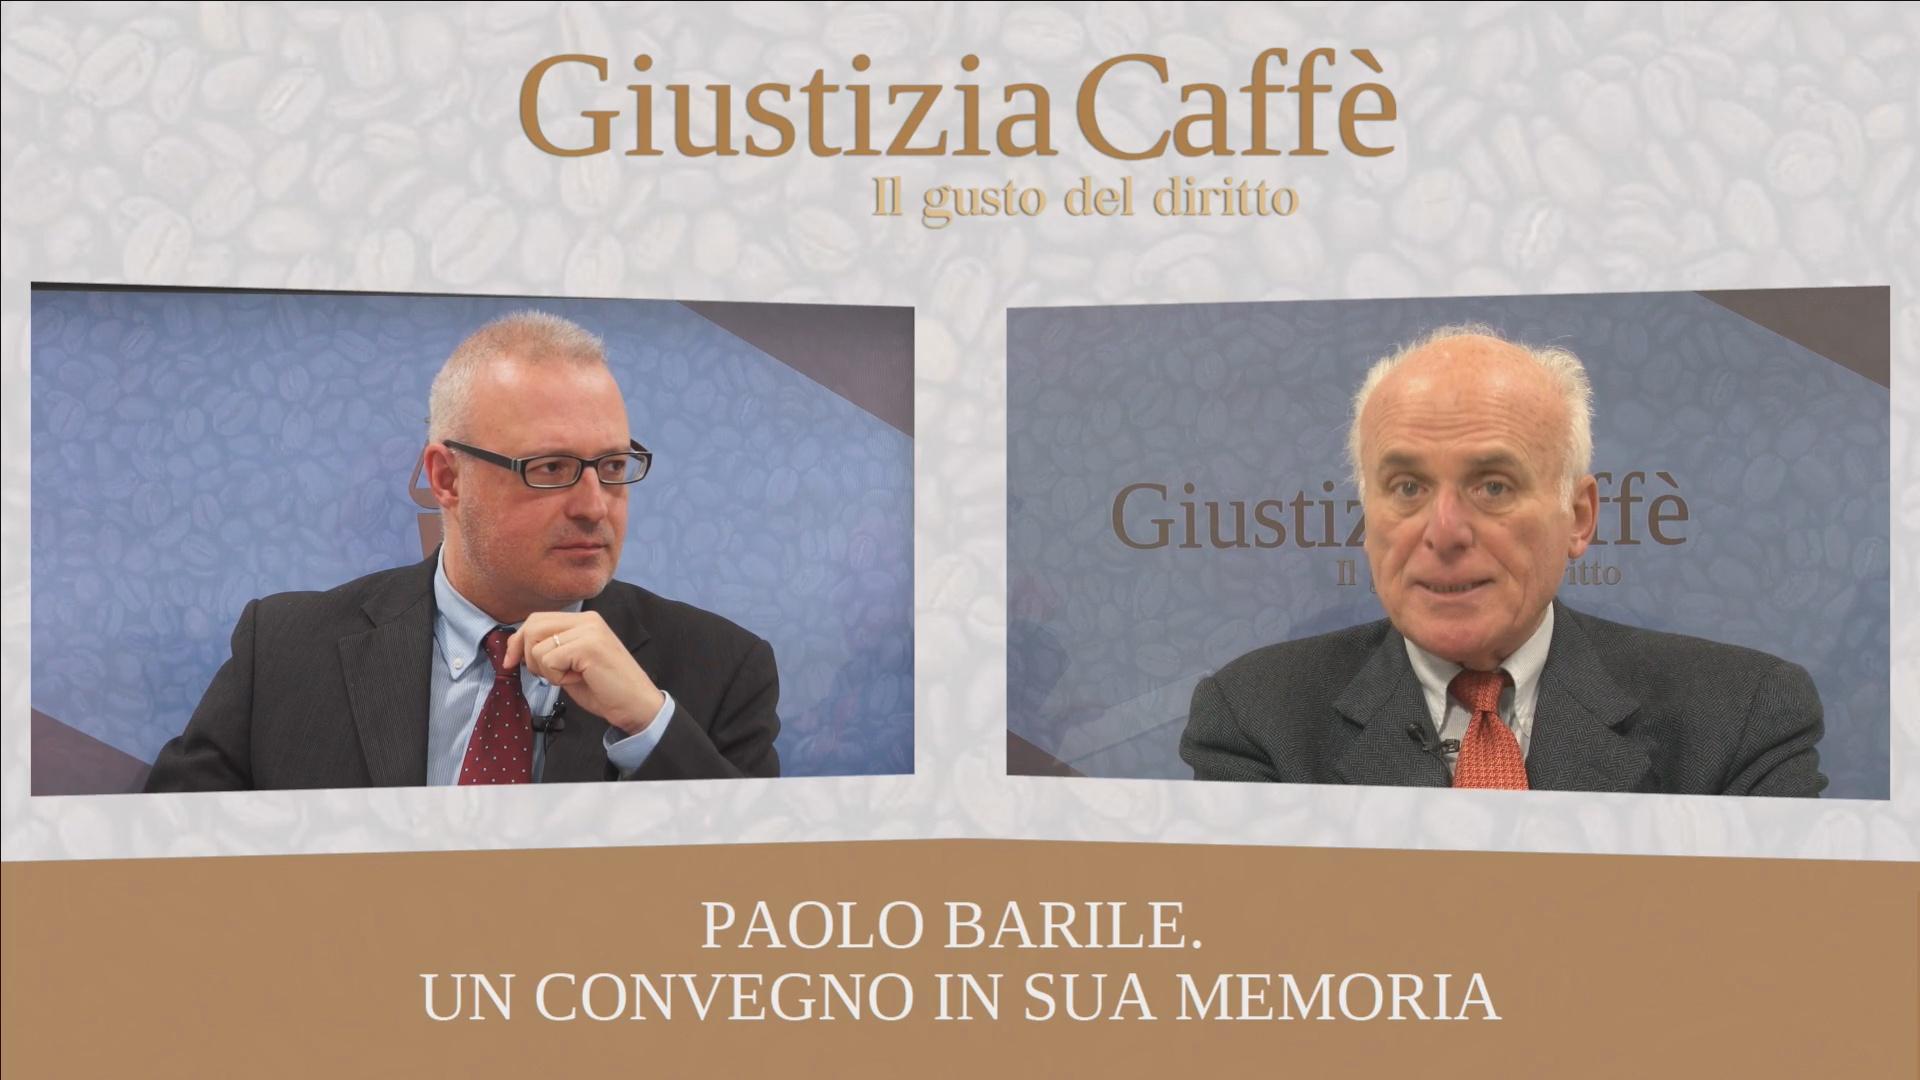 Paolo Barile. Un convegno in sua memoria